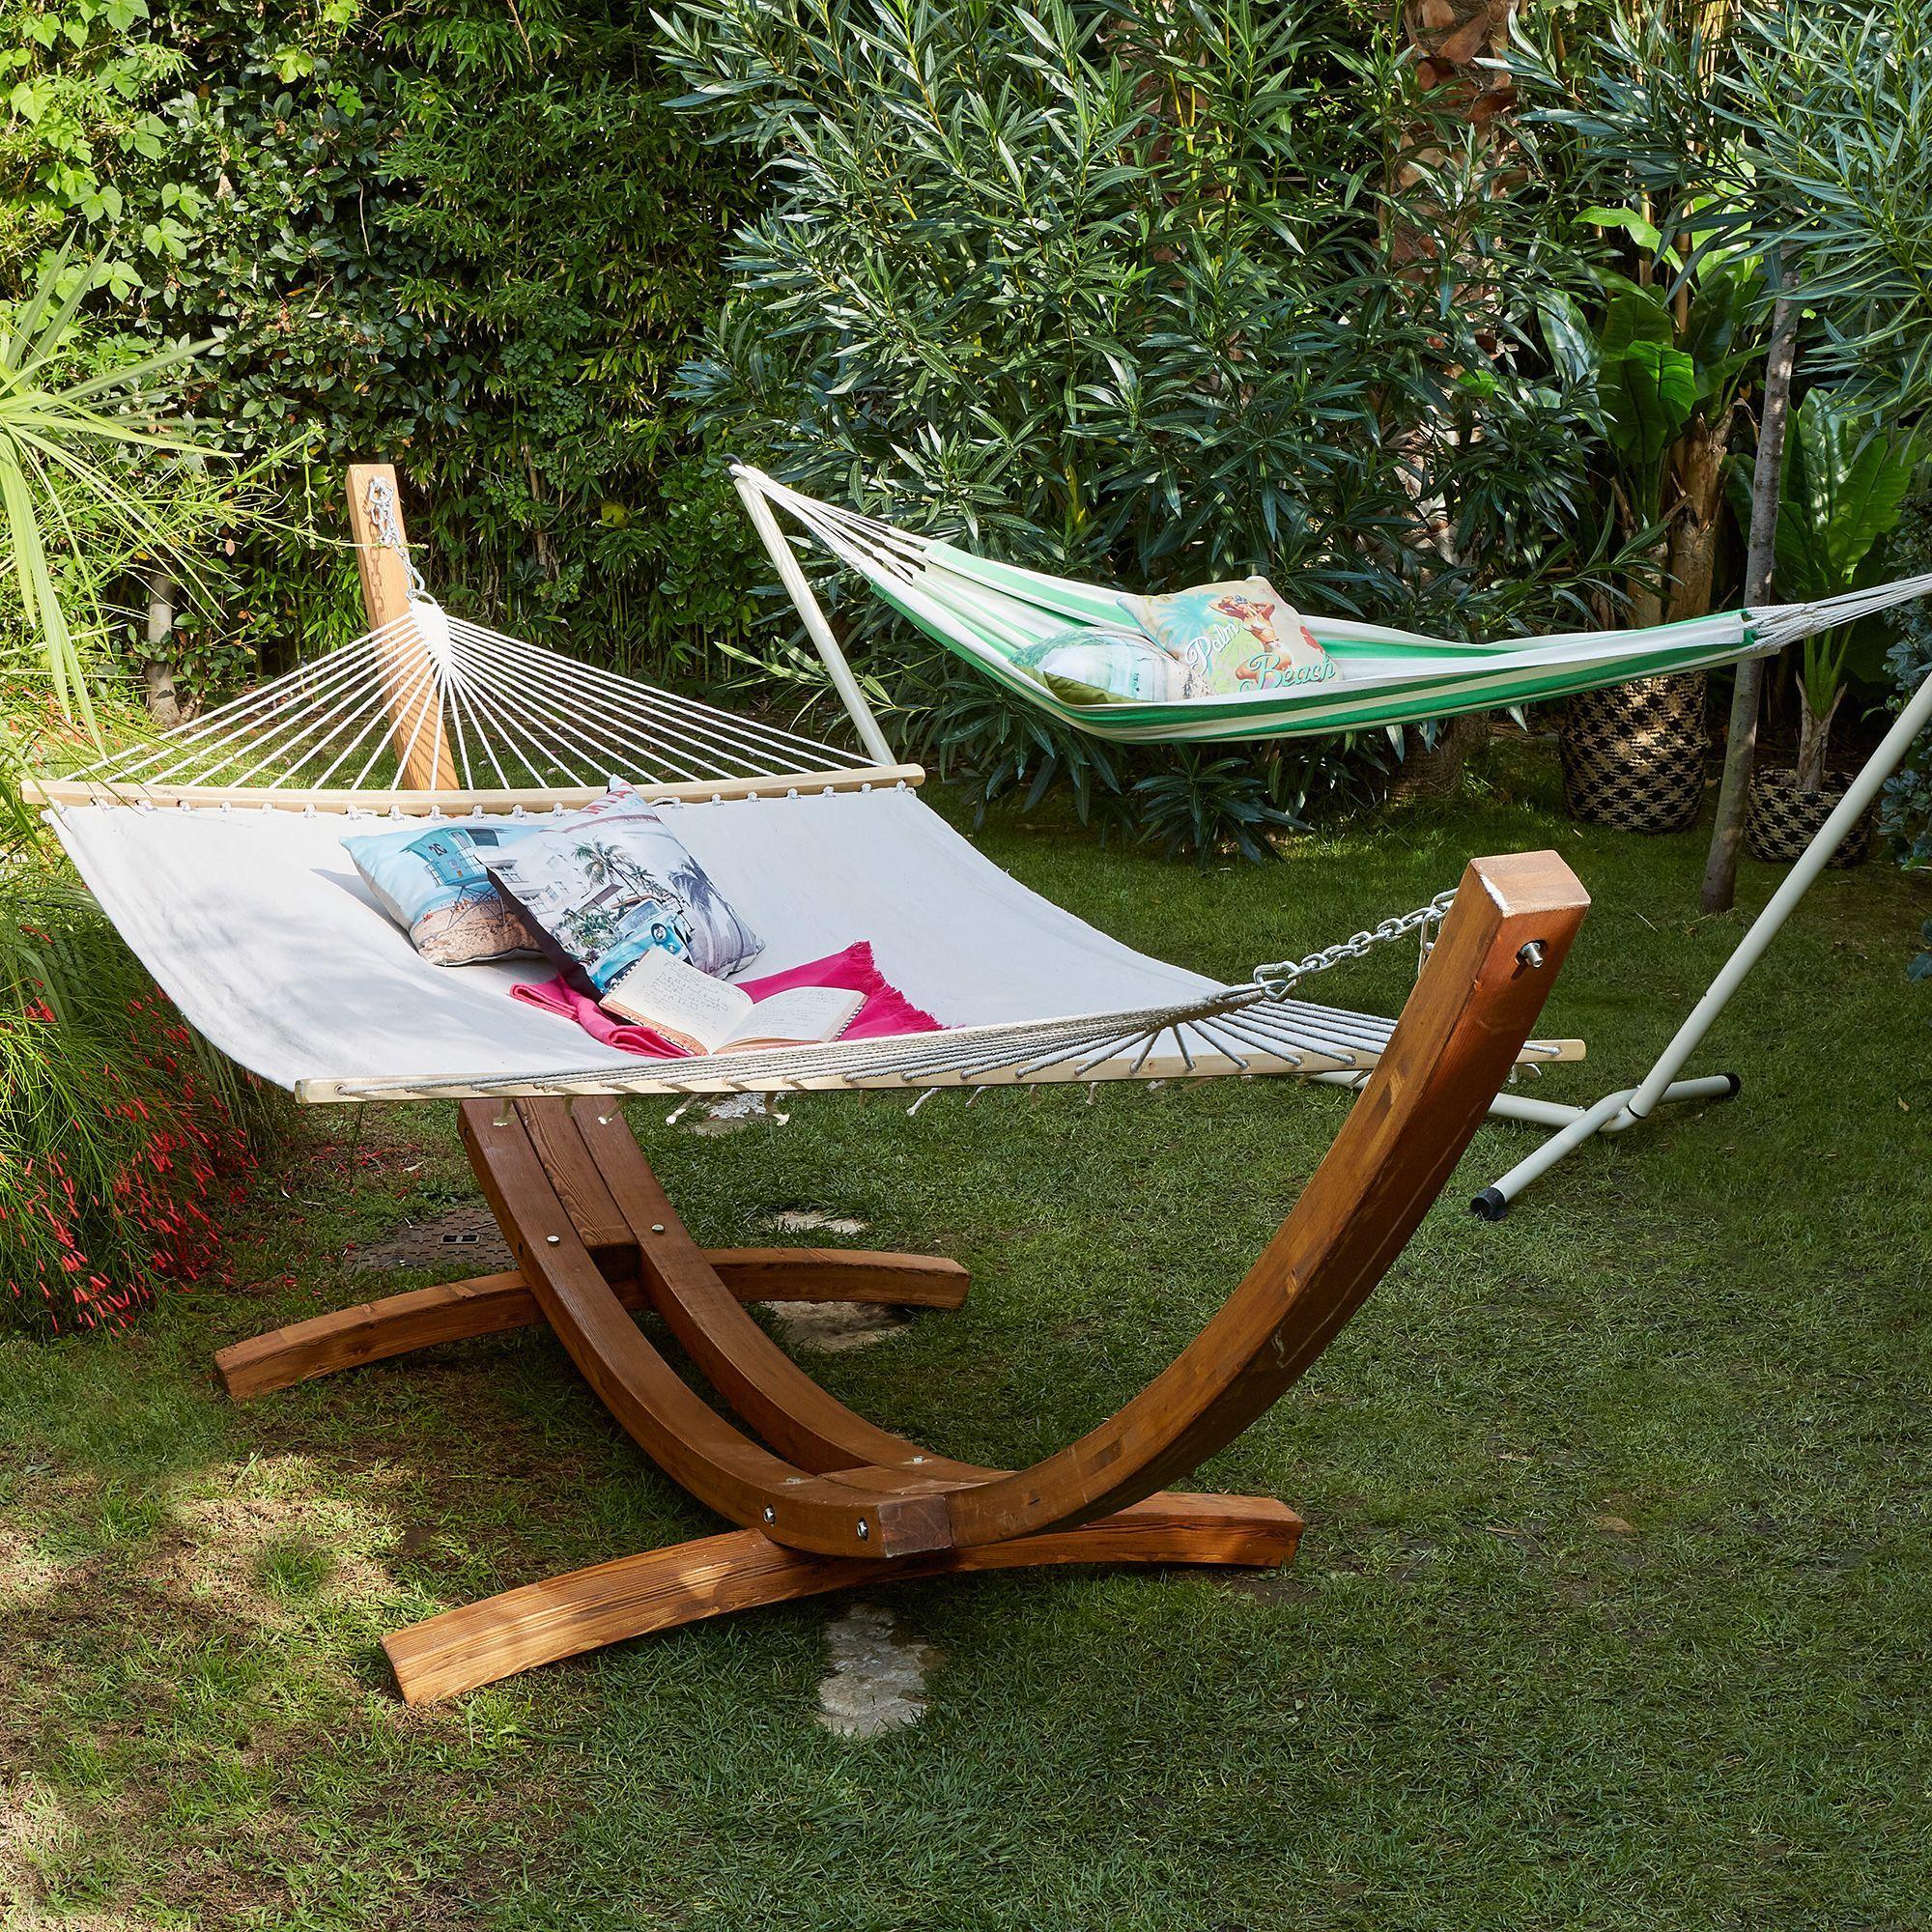 Ensemble support et toile de hamac copa hamacs Alinea jardin mobilier